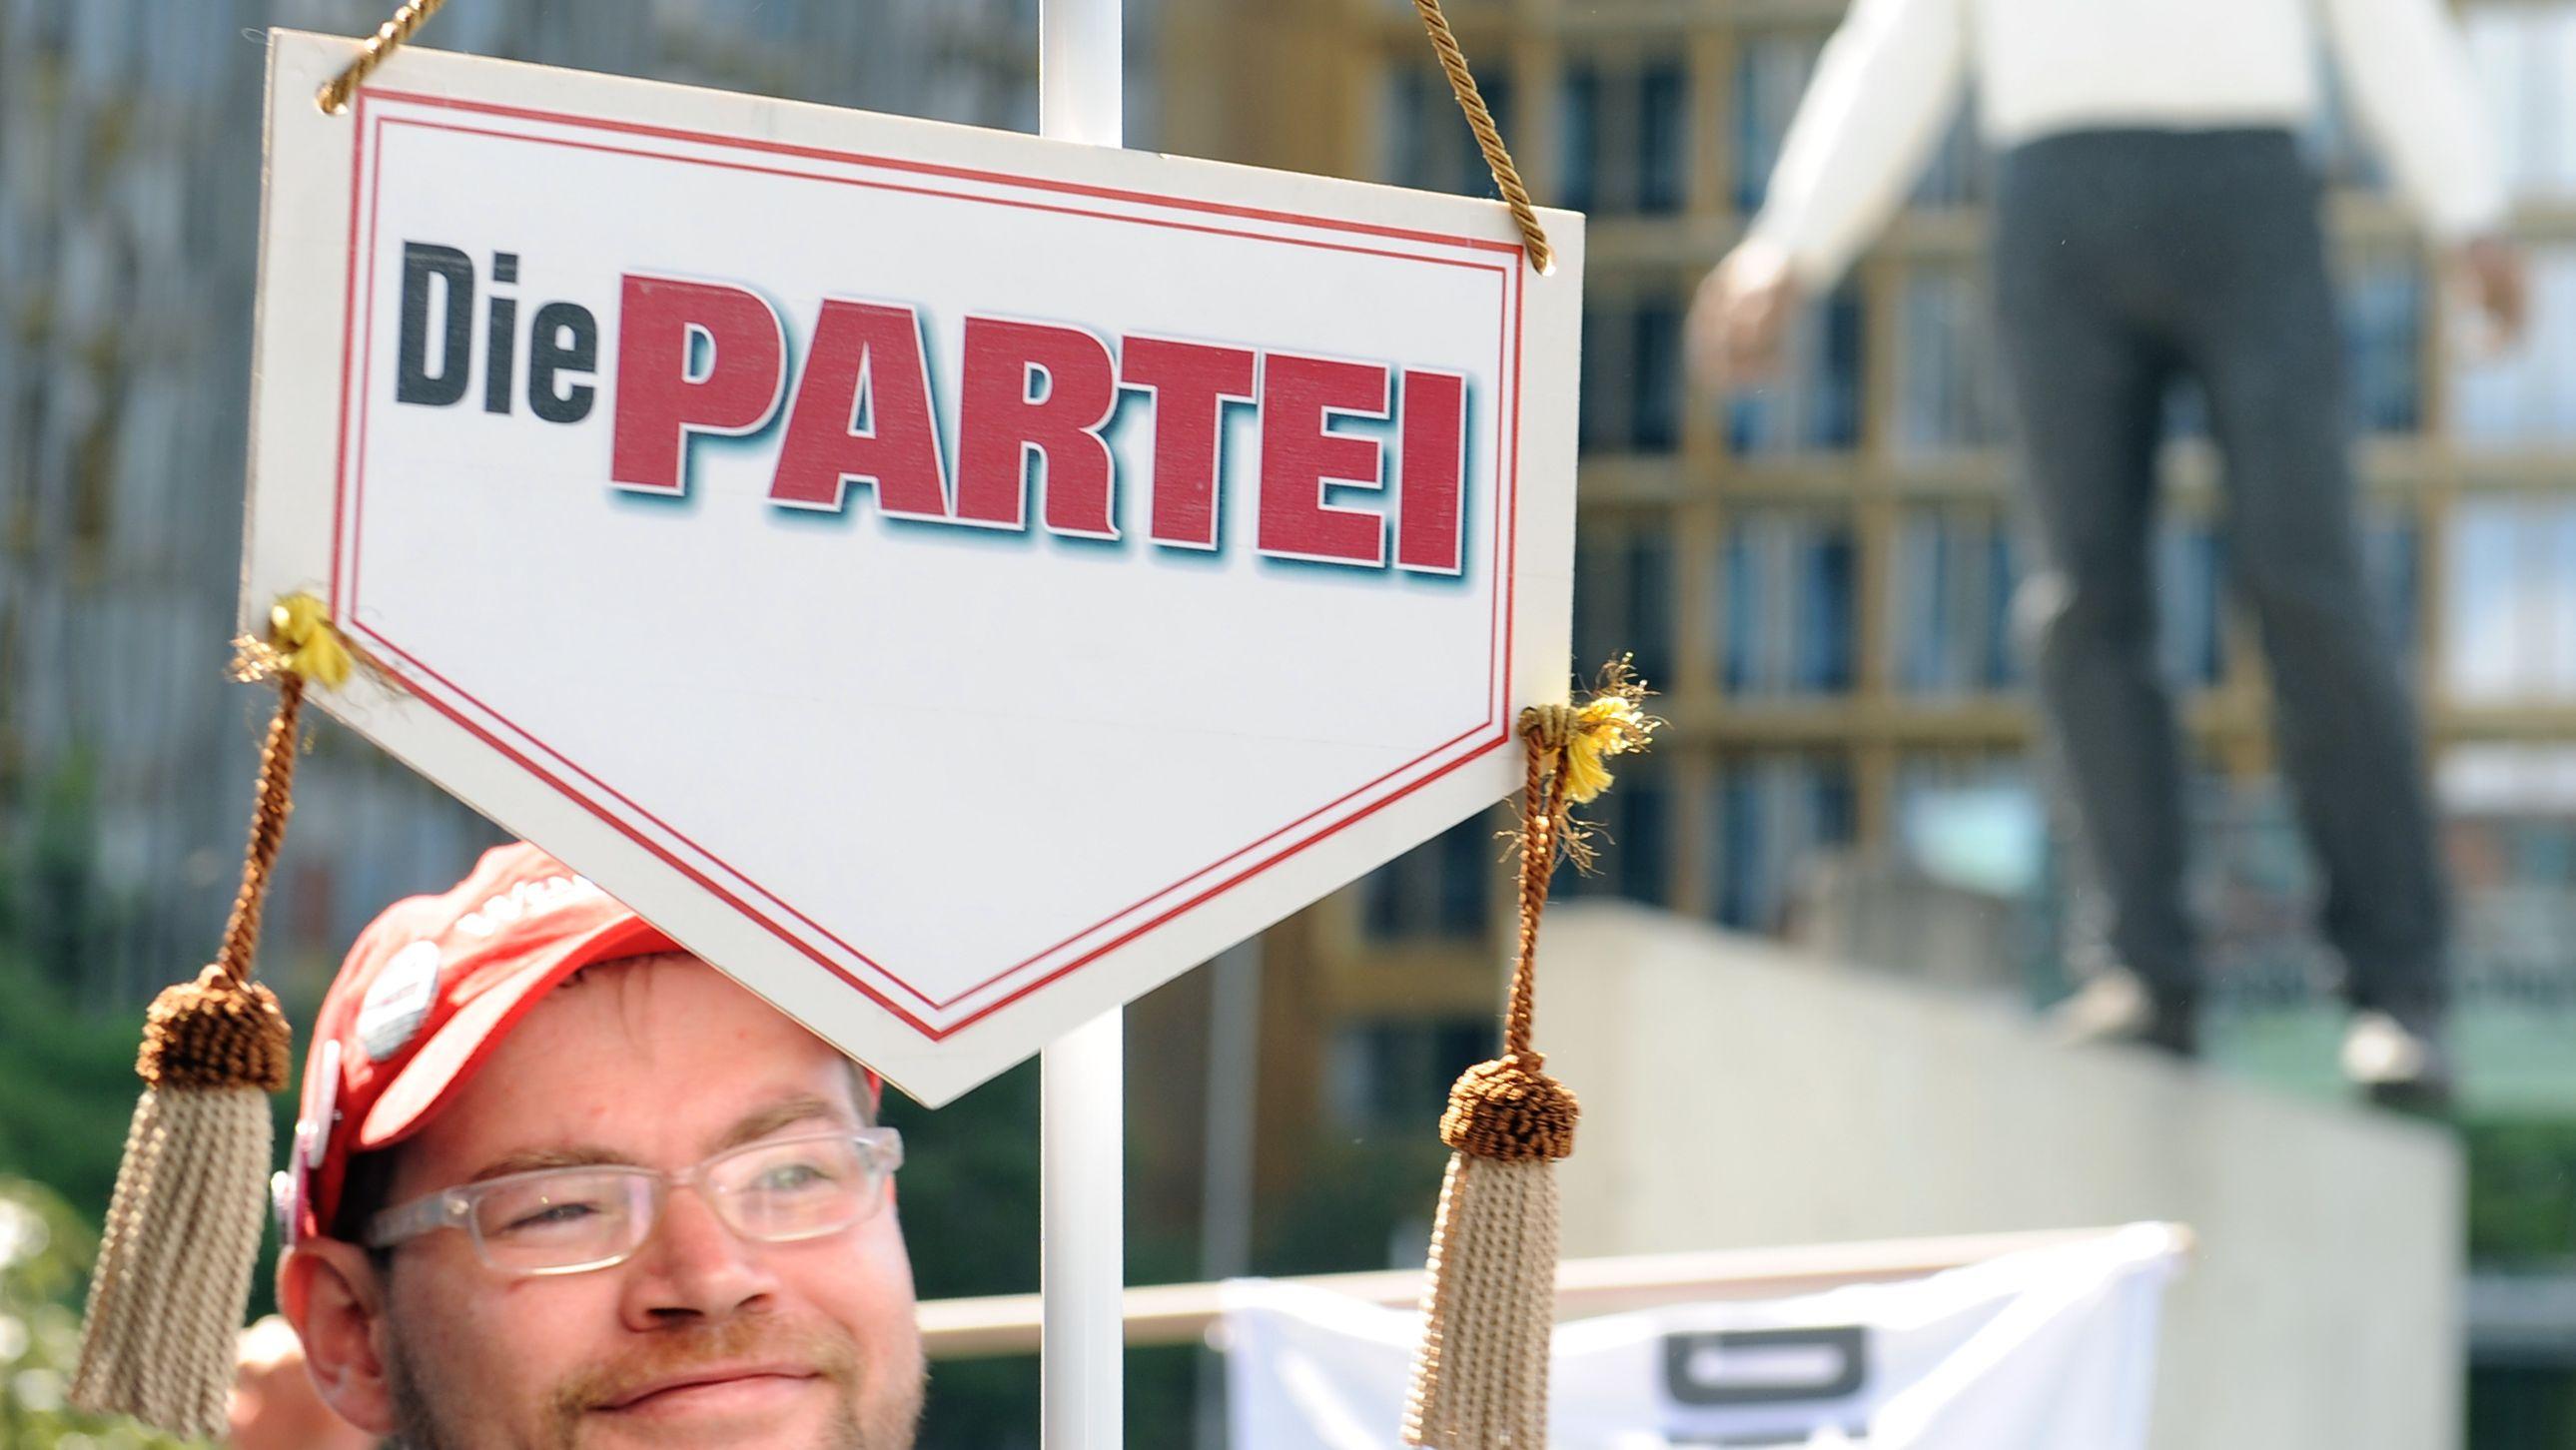 """Bei einer satirischen Aktion hält ein Mitglied der """"Partei"""" einen Wimpel in die Luft."""